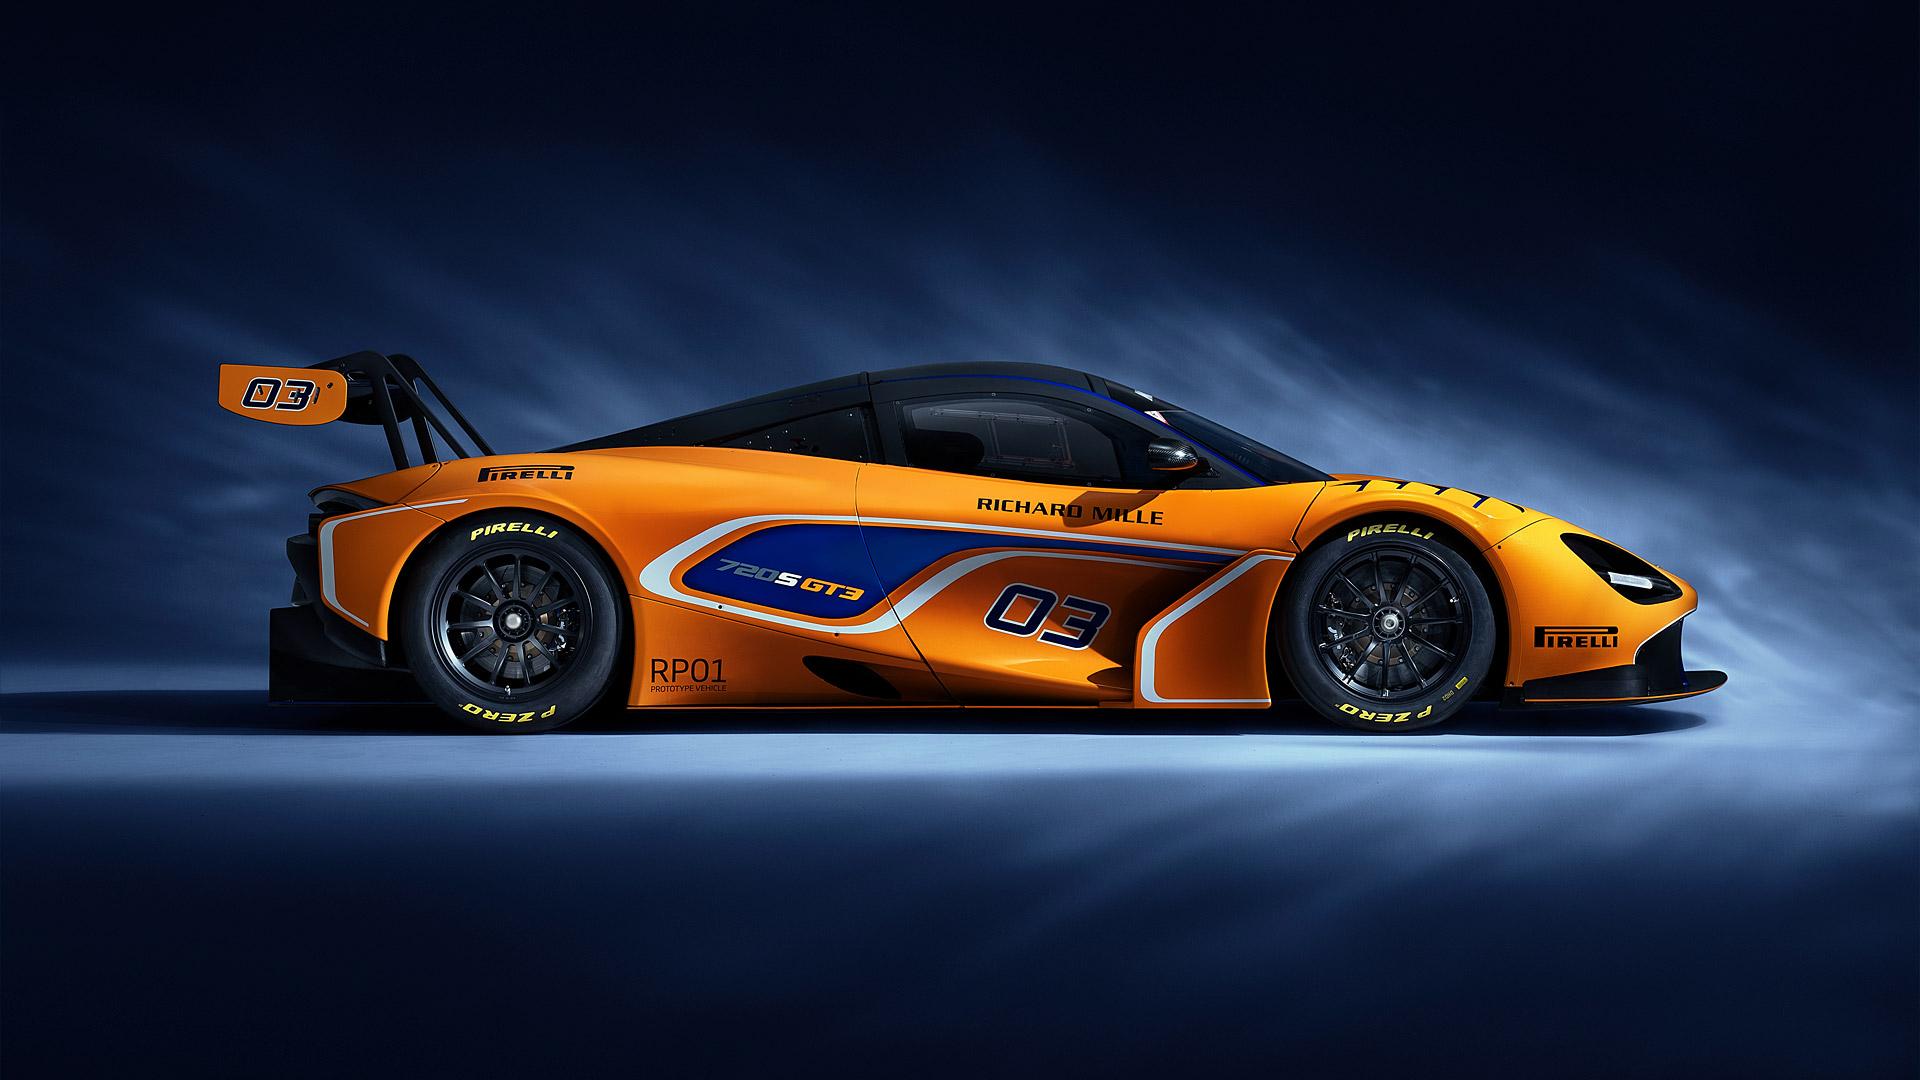 2019 McLaren 720S GT3 Wallpapers Specs Videos   4K HD   WSupercars 1920x1080